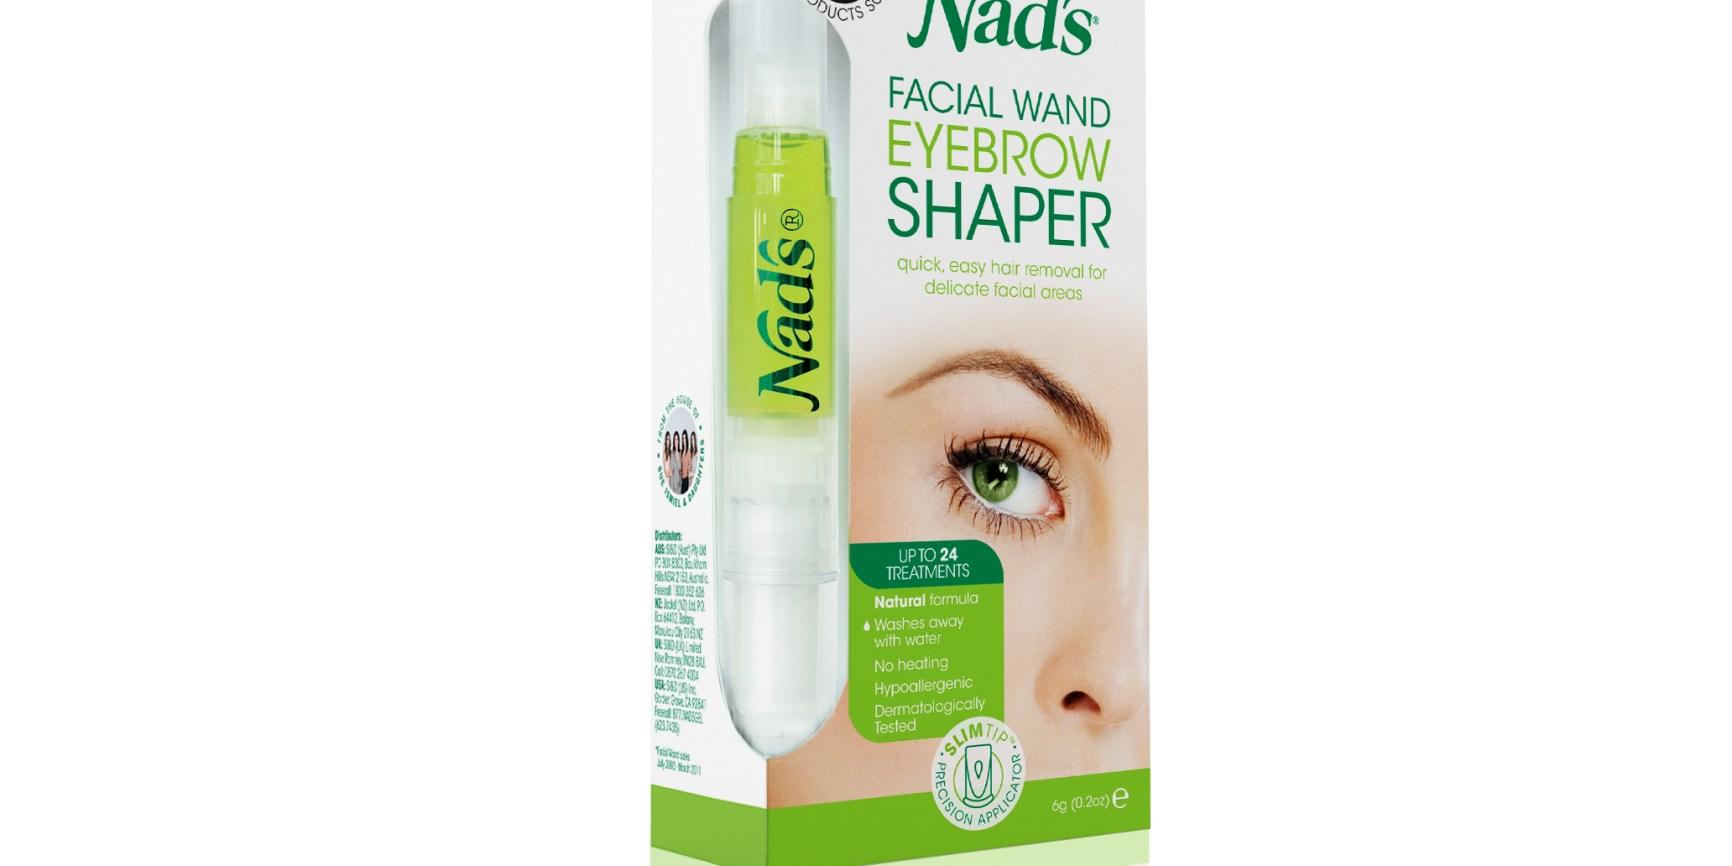 Nads Eyebrow Shaper Uk The Eyebrow